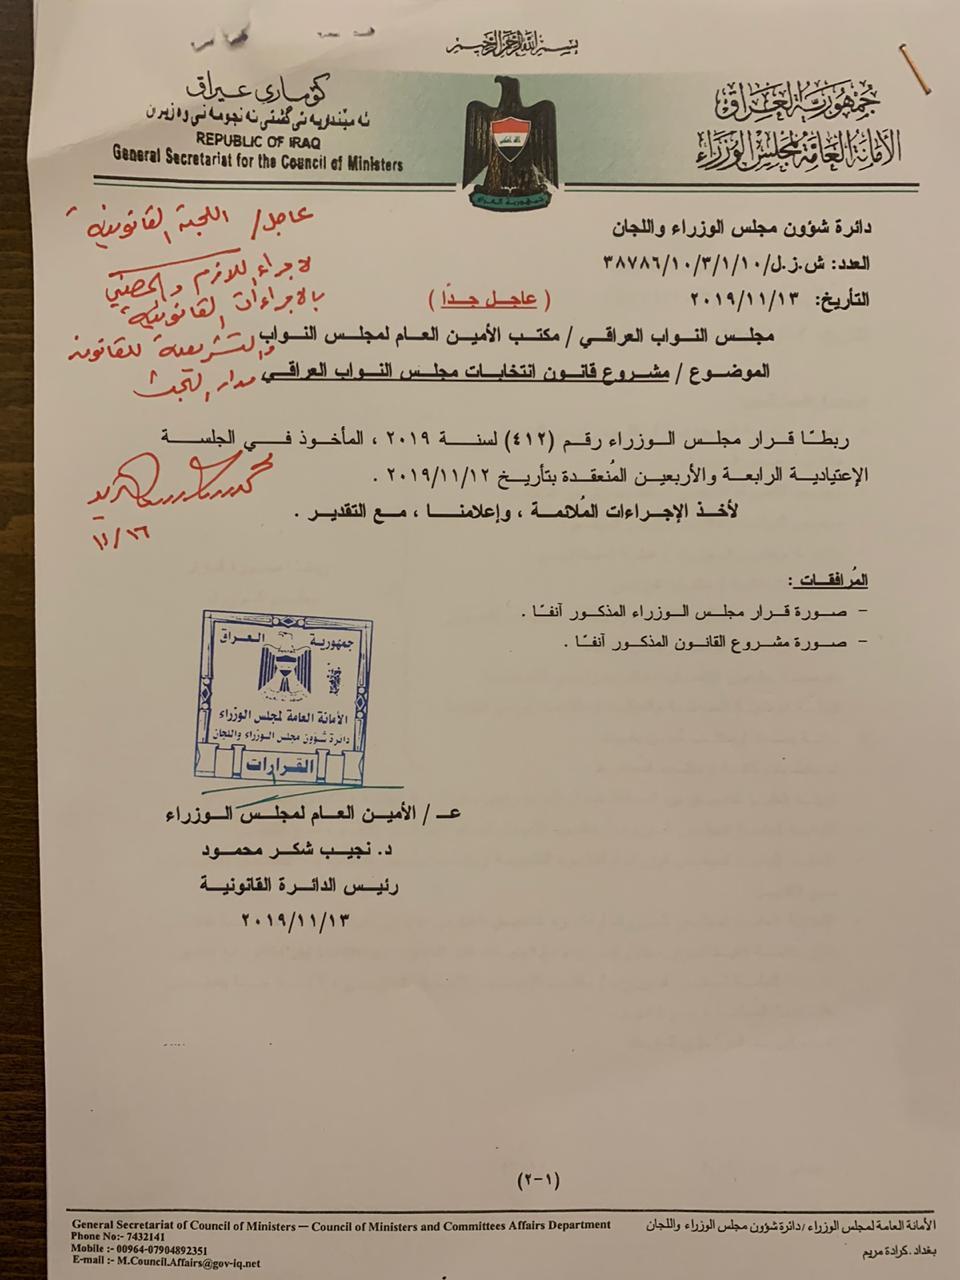 بالوثيقة ..  الحلبوسي يحيل مشروع قانون انتخابات مجلس النواب إلى اللجنة القانونية